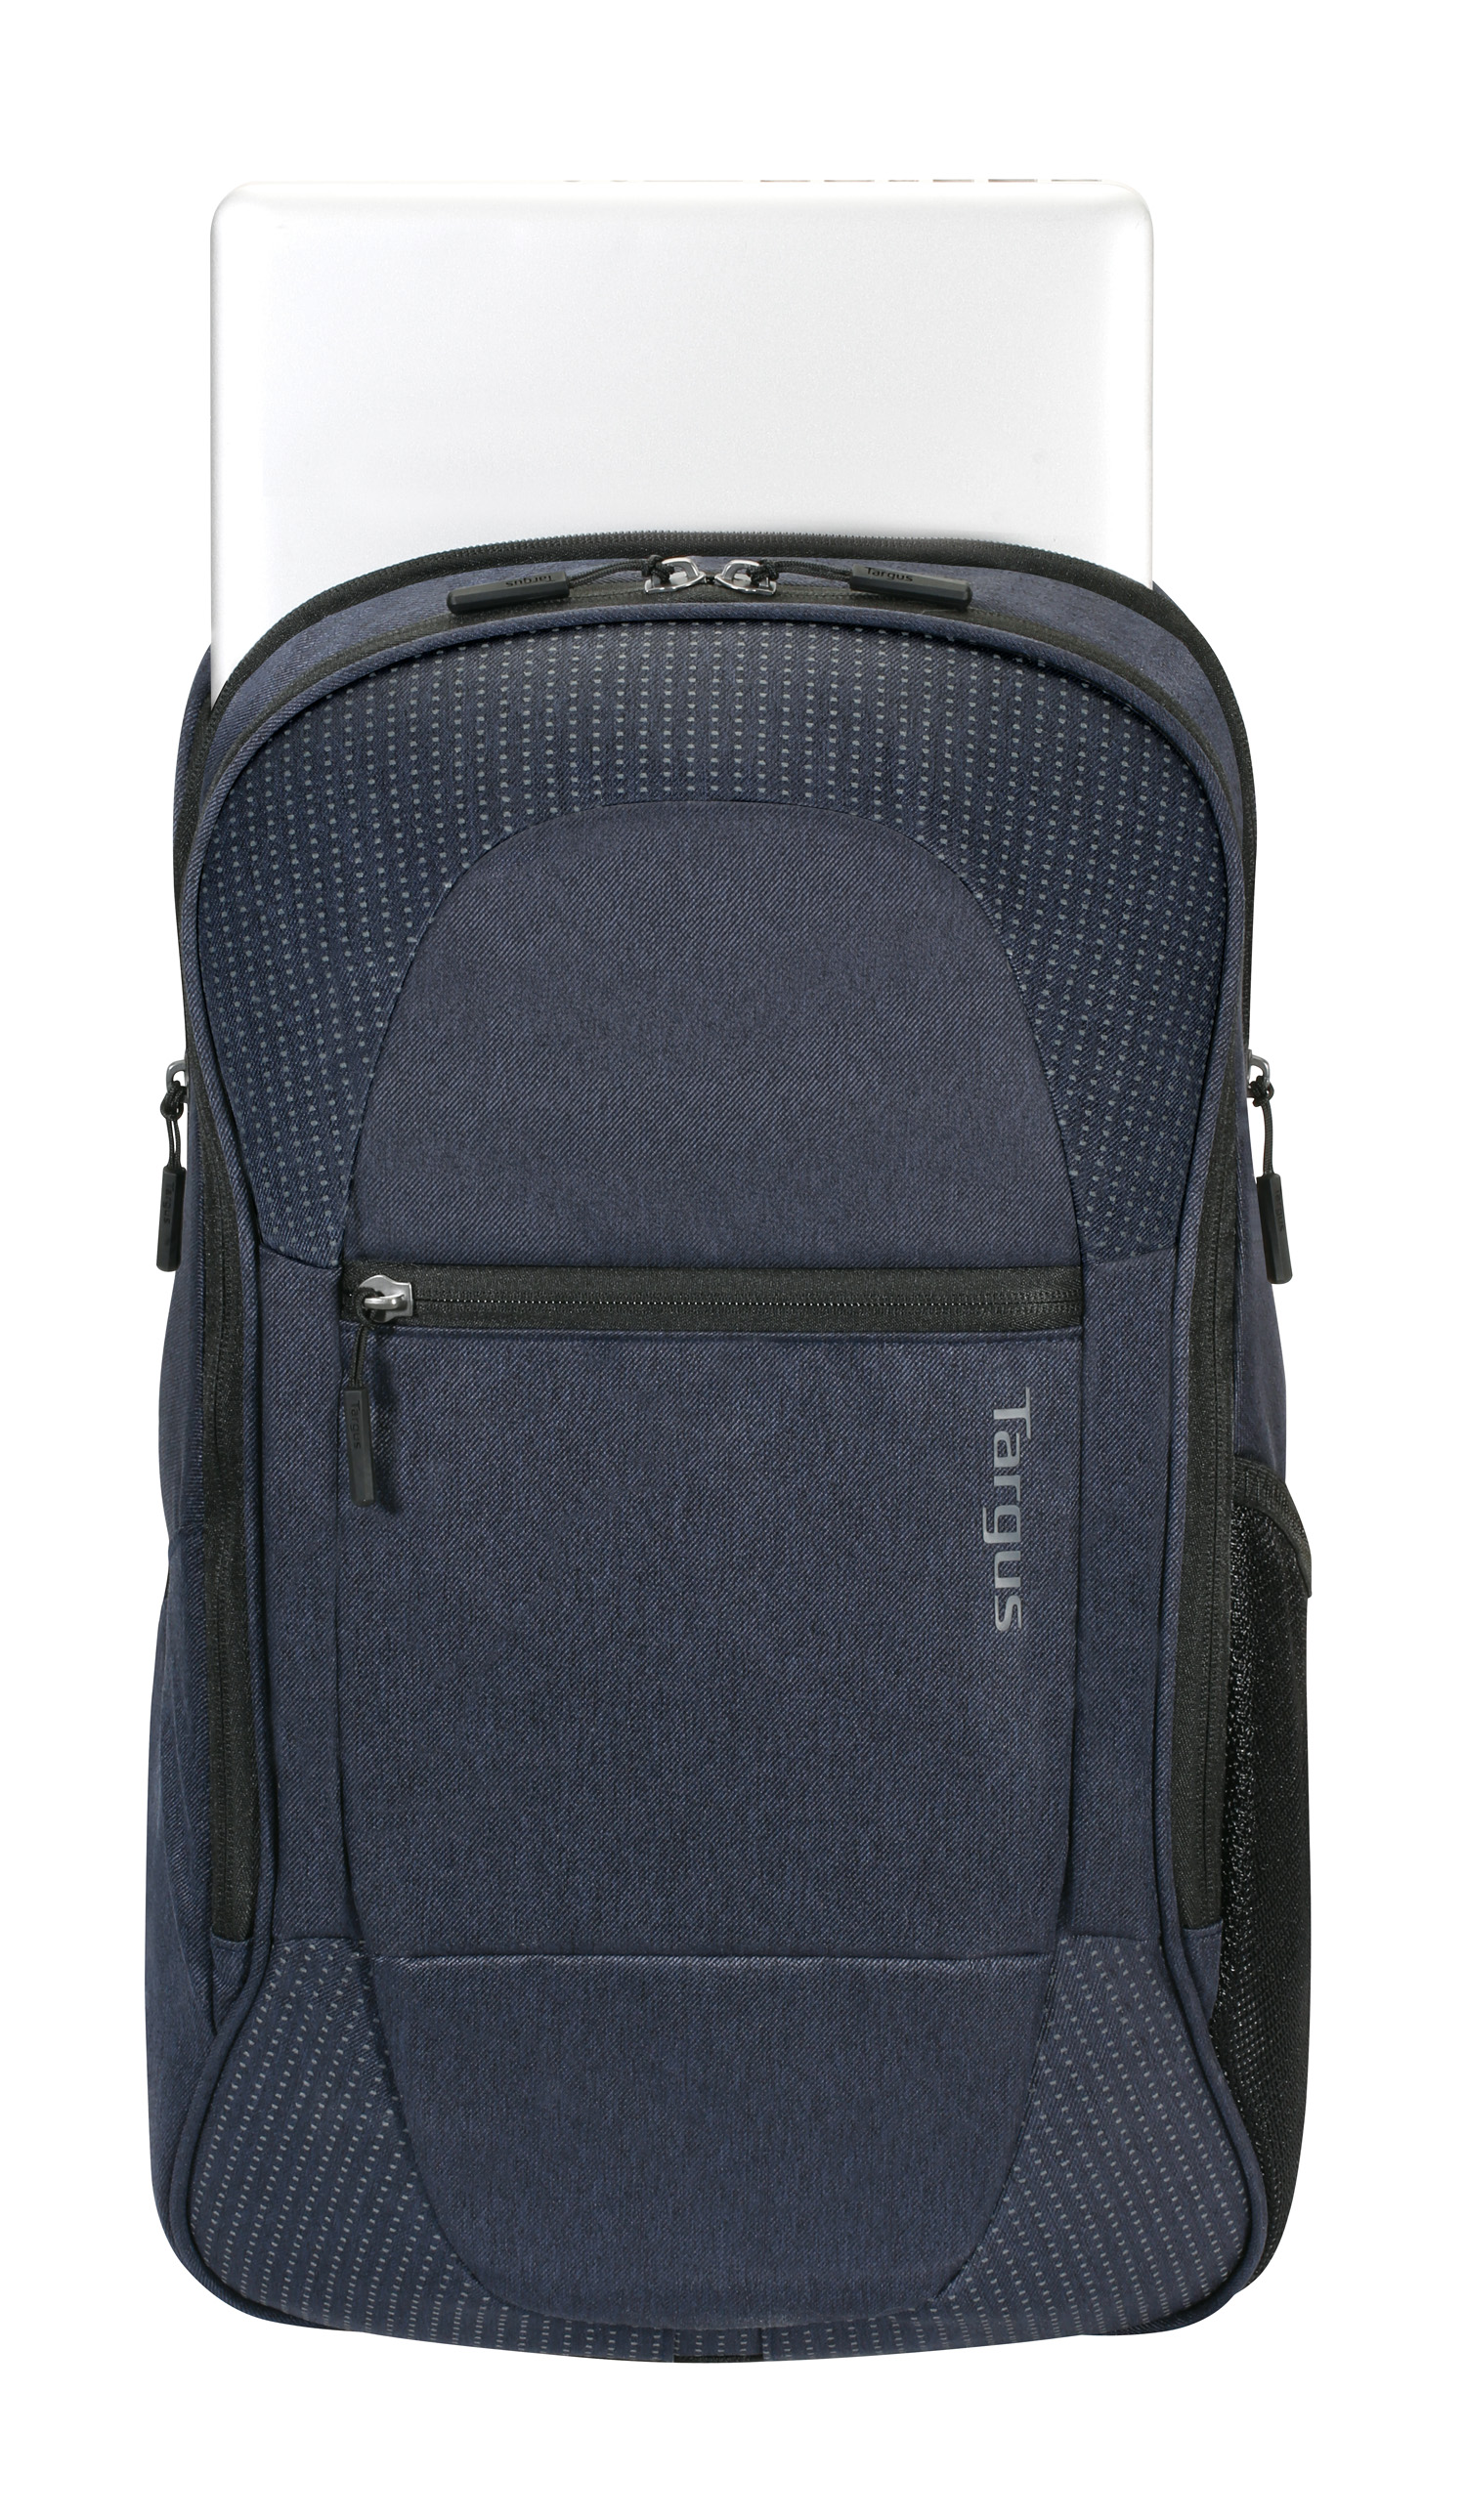 0035352 156-urban-commuter-backpack-blue.jpeg d3c0eaffe639e